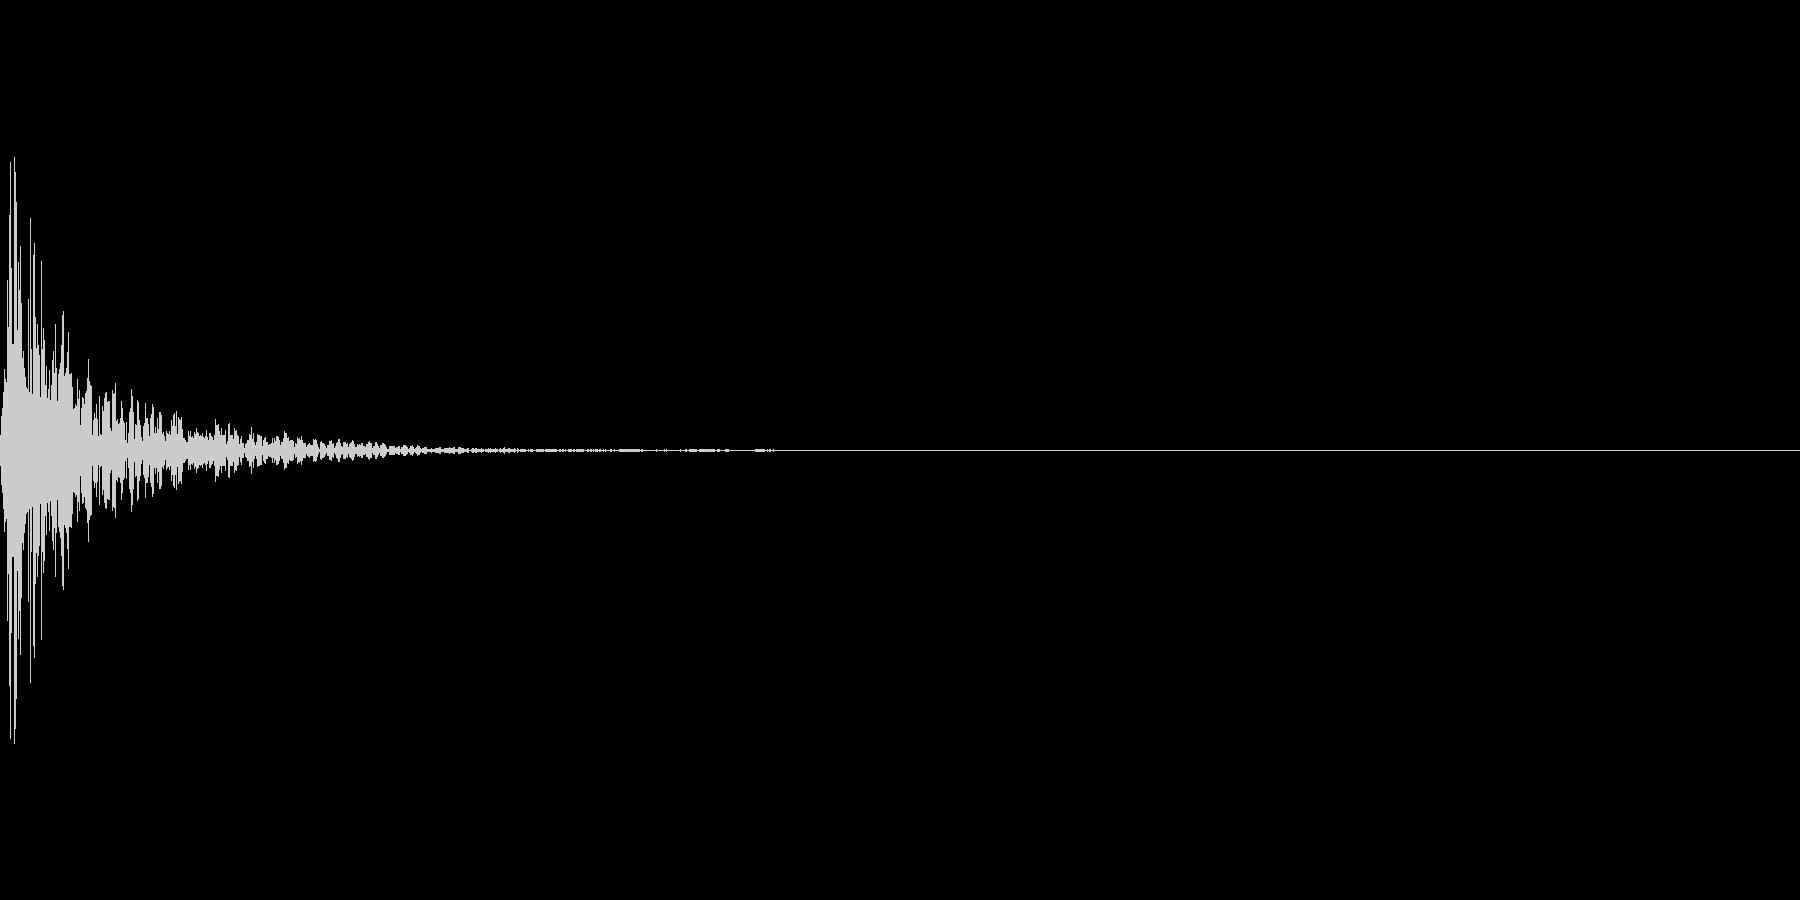 時計、タイマー、ストップウォッチ_A_4の未再生の波形